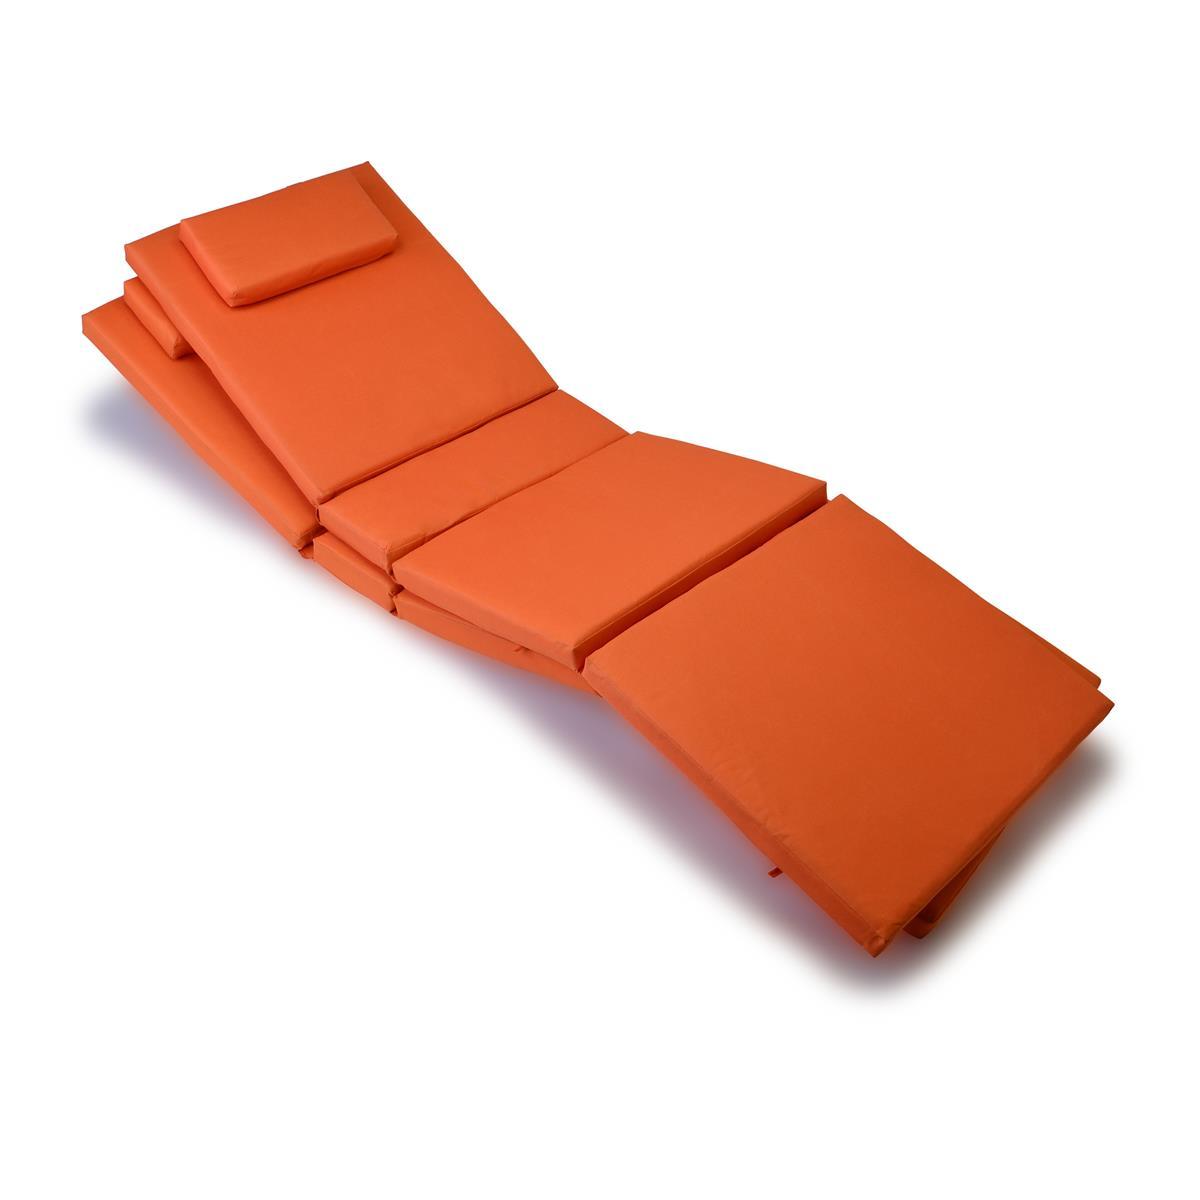 DIVERO 2x Liegenauflage Polster für Gartenliege Kopfkissen hochwertig orange